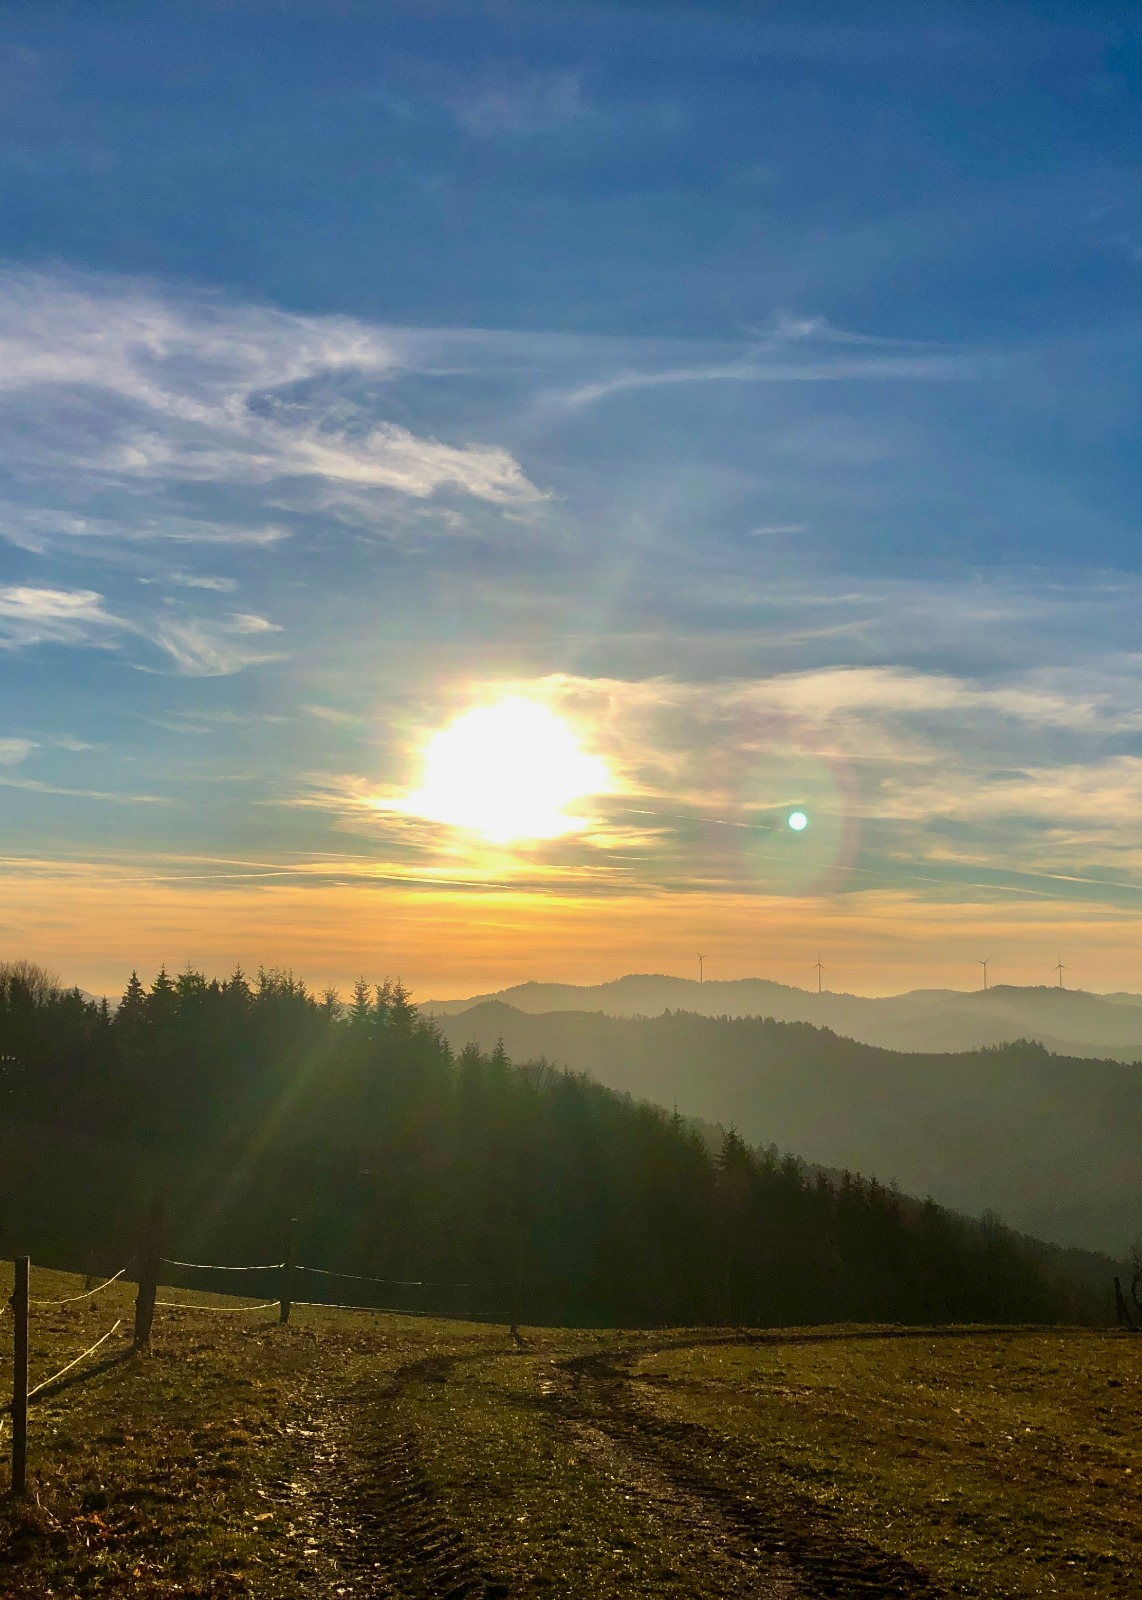 Sonnenuntergang auf dem Weg zum Mühlstein